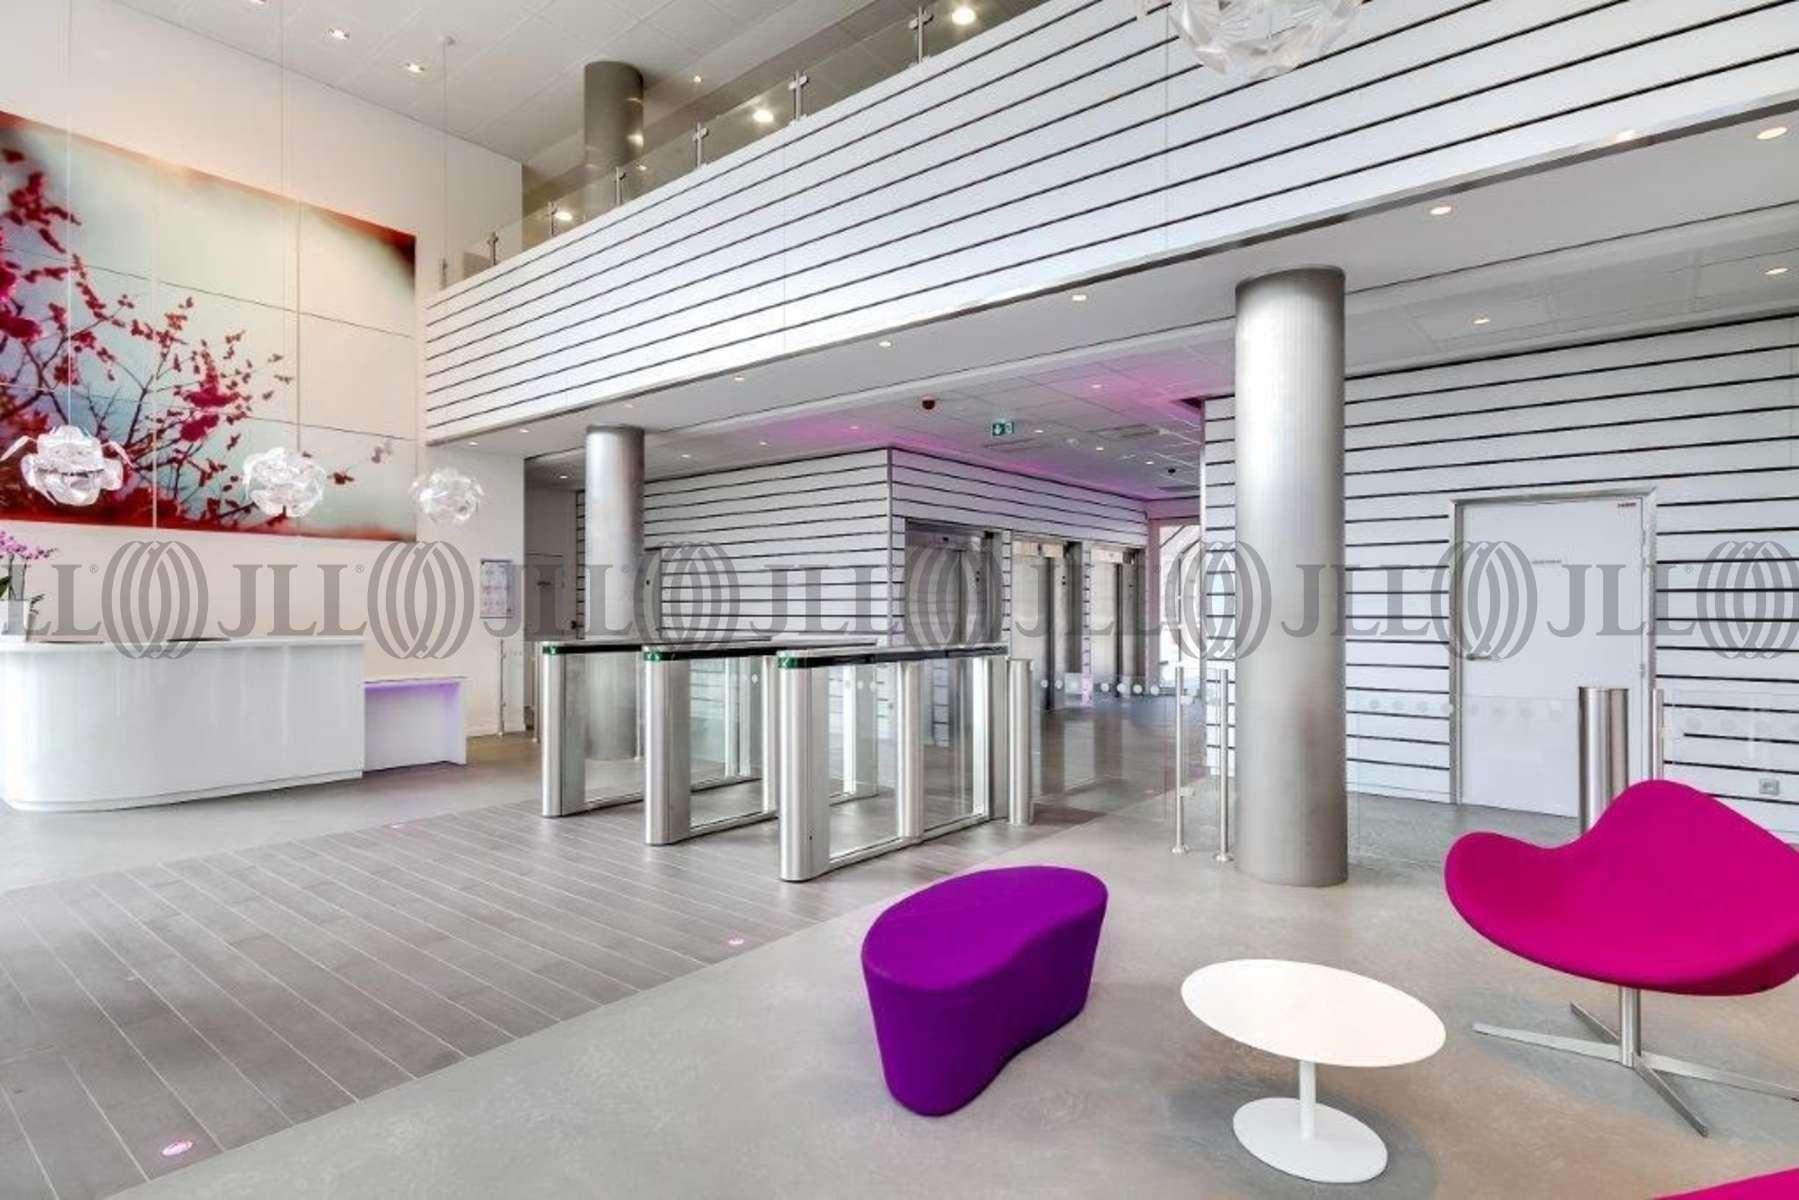 Bureaux louer inside 92500 rueil malmaison 27002 jll - Location meublee rueil malmaison ...